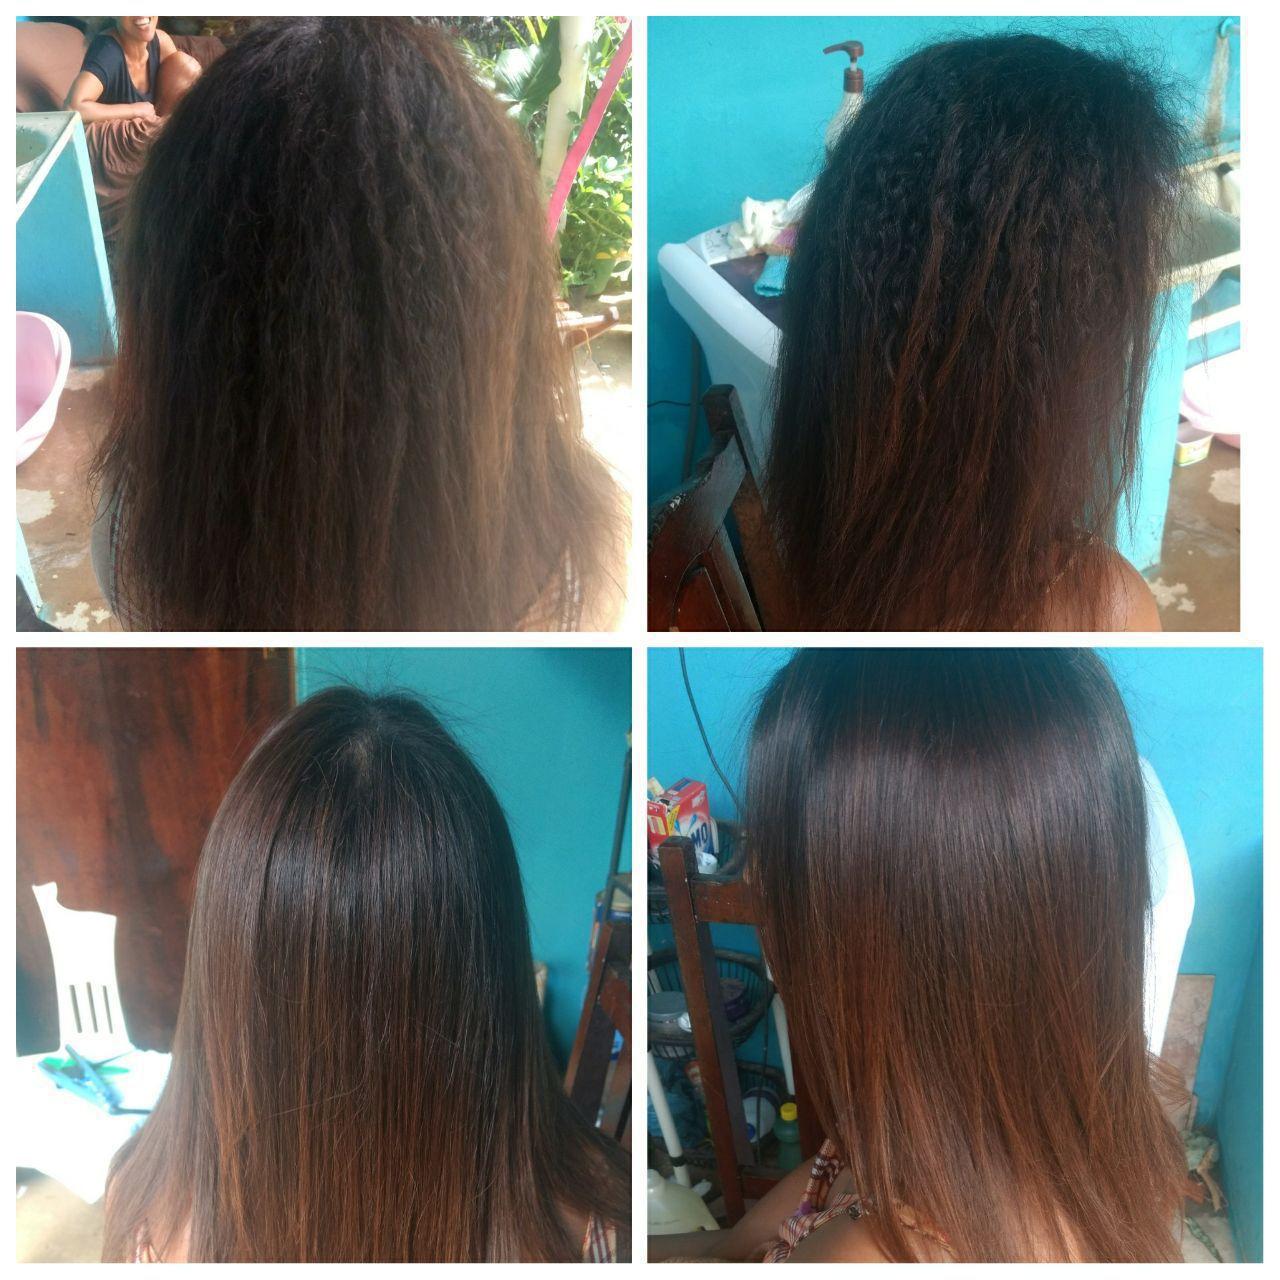 Tratamento  químico de alisamento ( progressiva). cabelo auxiliar cabeleireiro(a) cabeleireiro(a) recepcionista